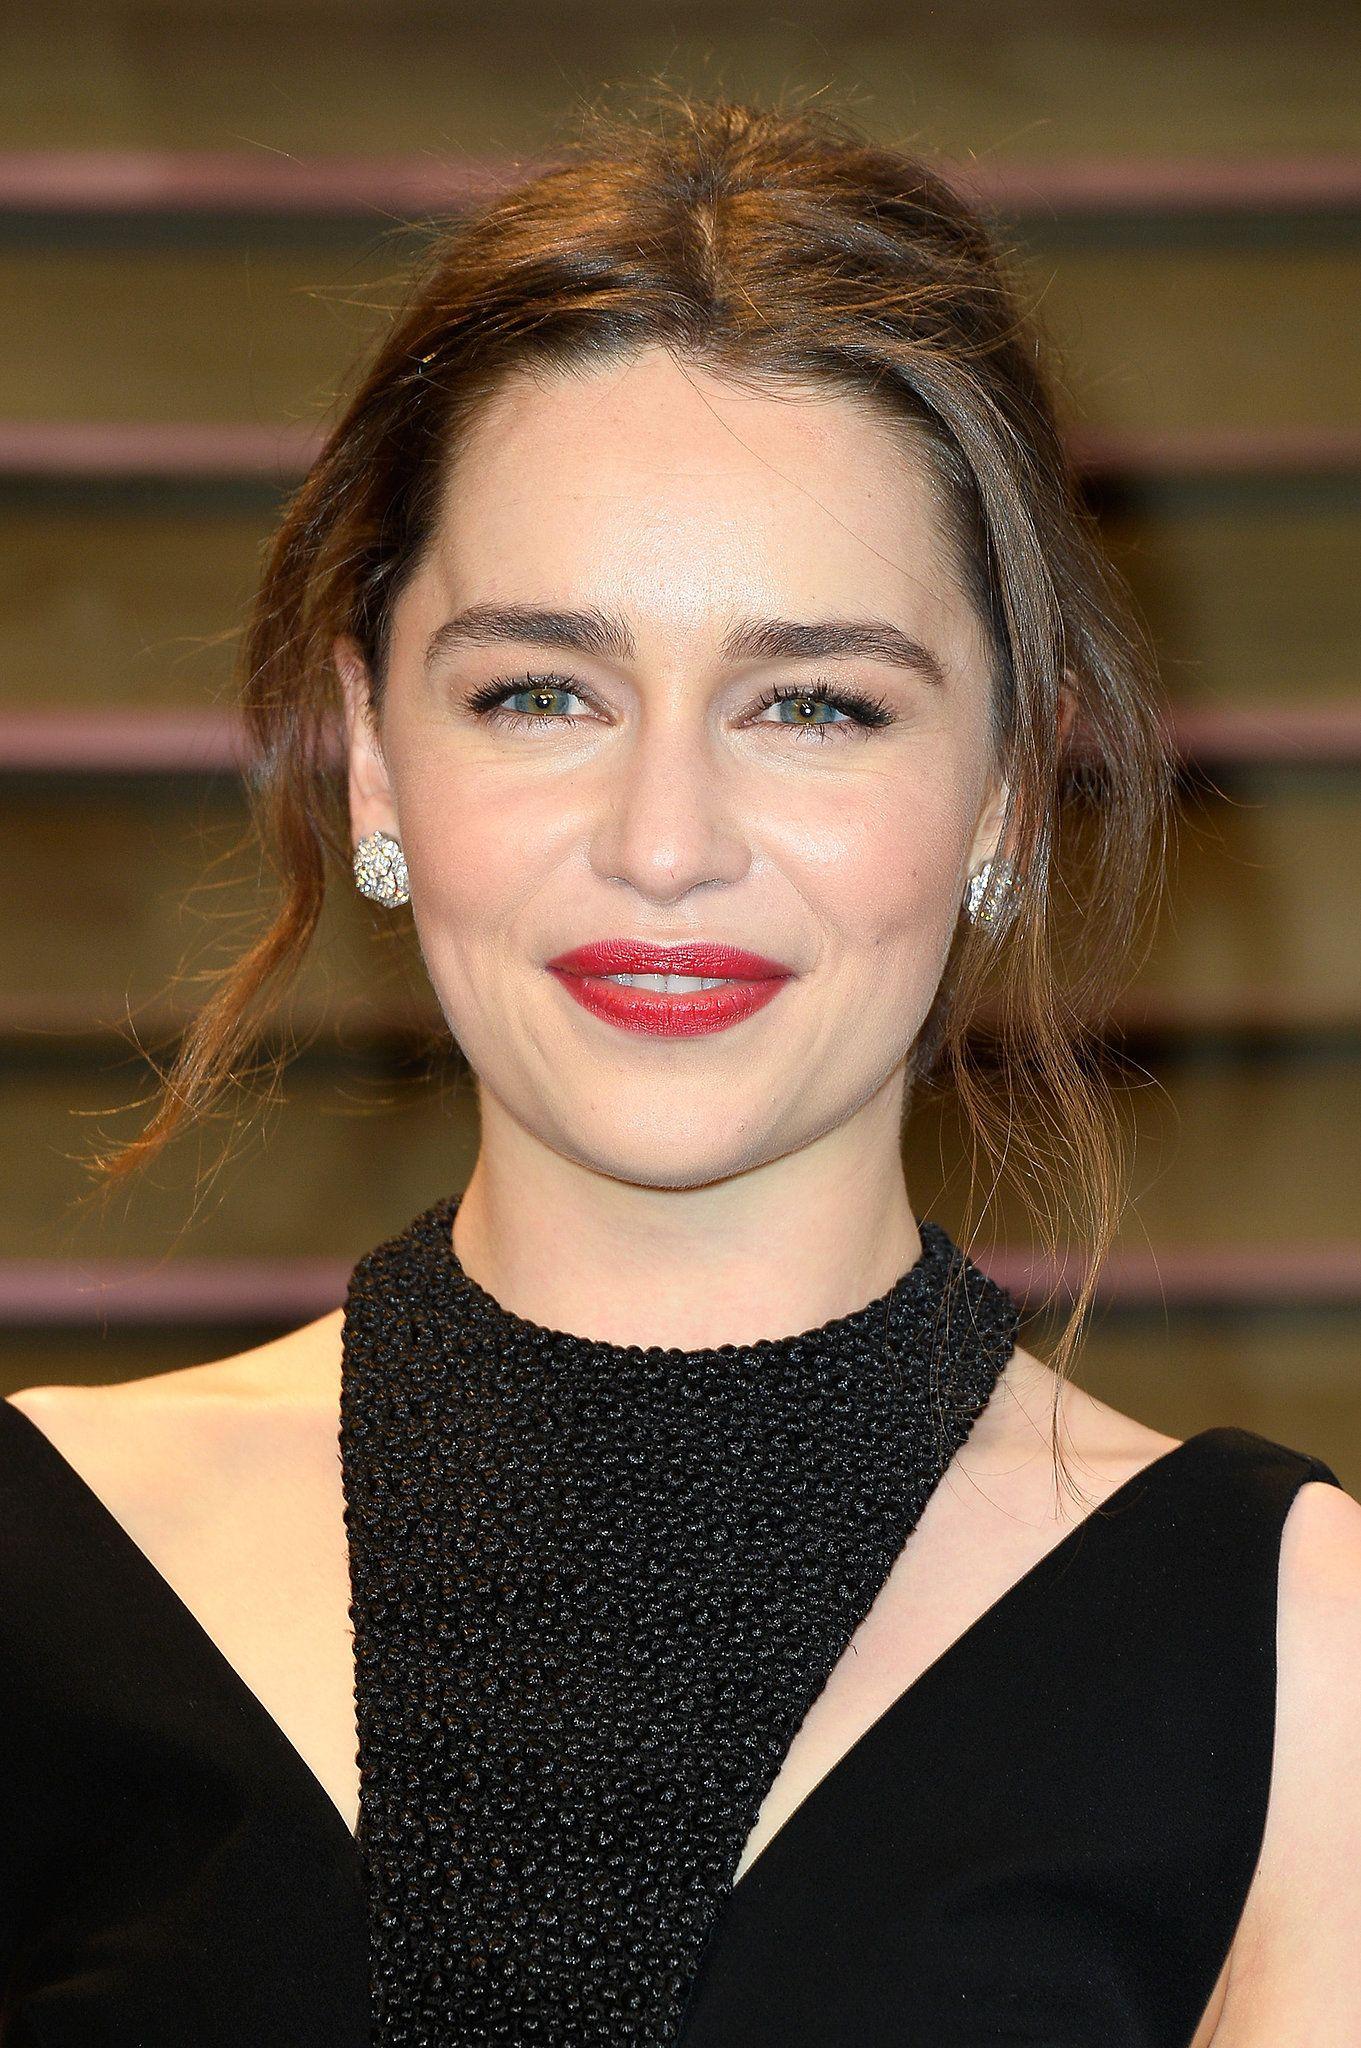 Emilia Clarke at Vanity Fair Party | Emilia clarke, Emilia ...